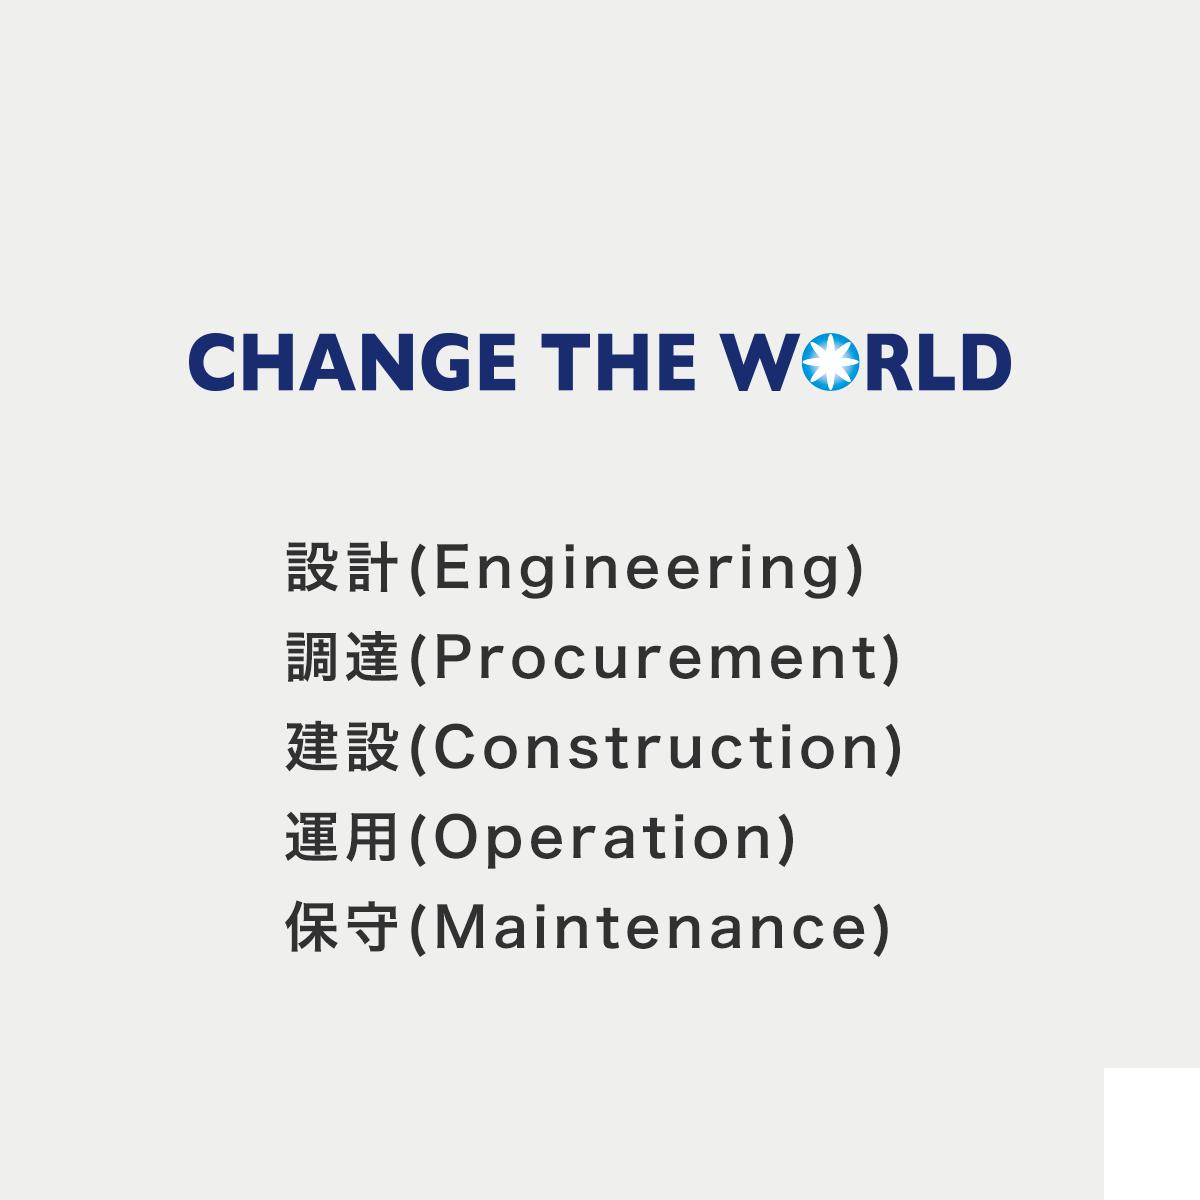 株式会社チェンジ・ザ・ワールド 設計(Engineering)・調達(Procurement)・建設(Construction)・運用(Operation)・保守(Maintenance)